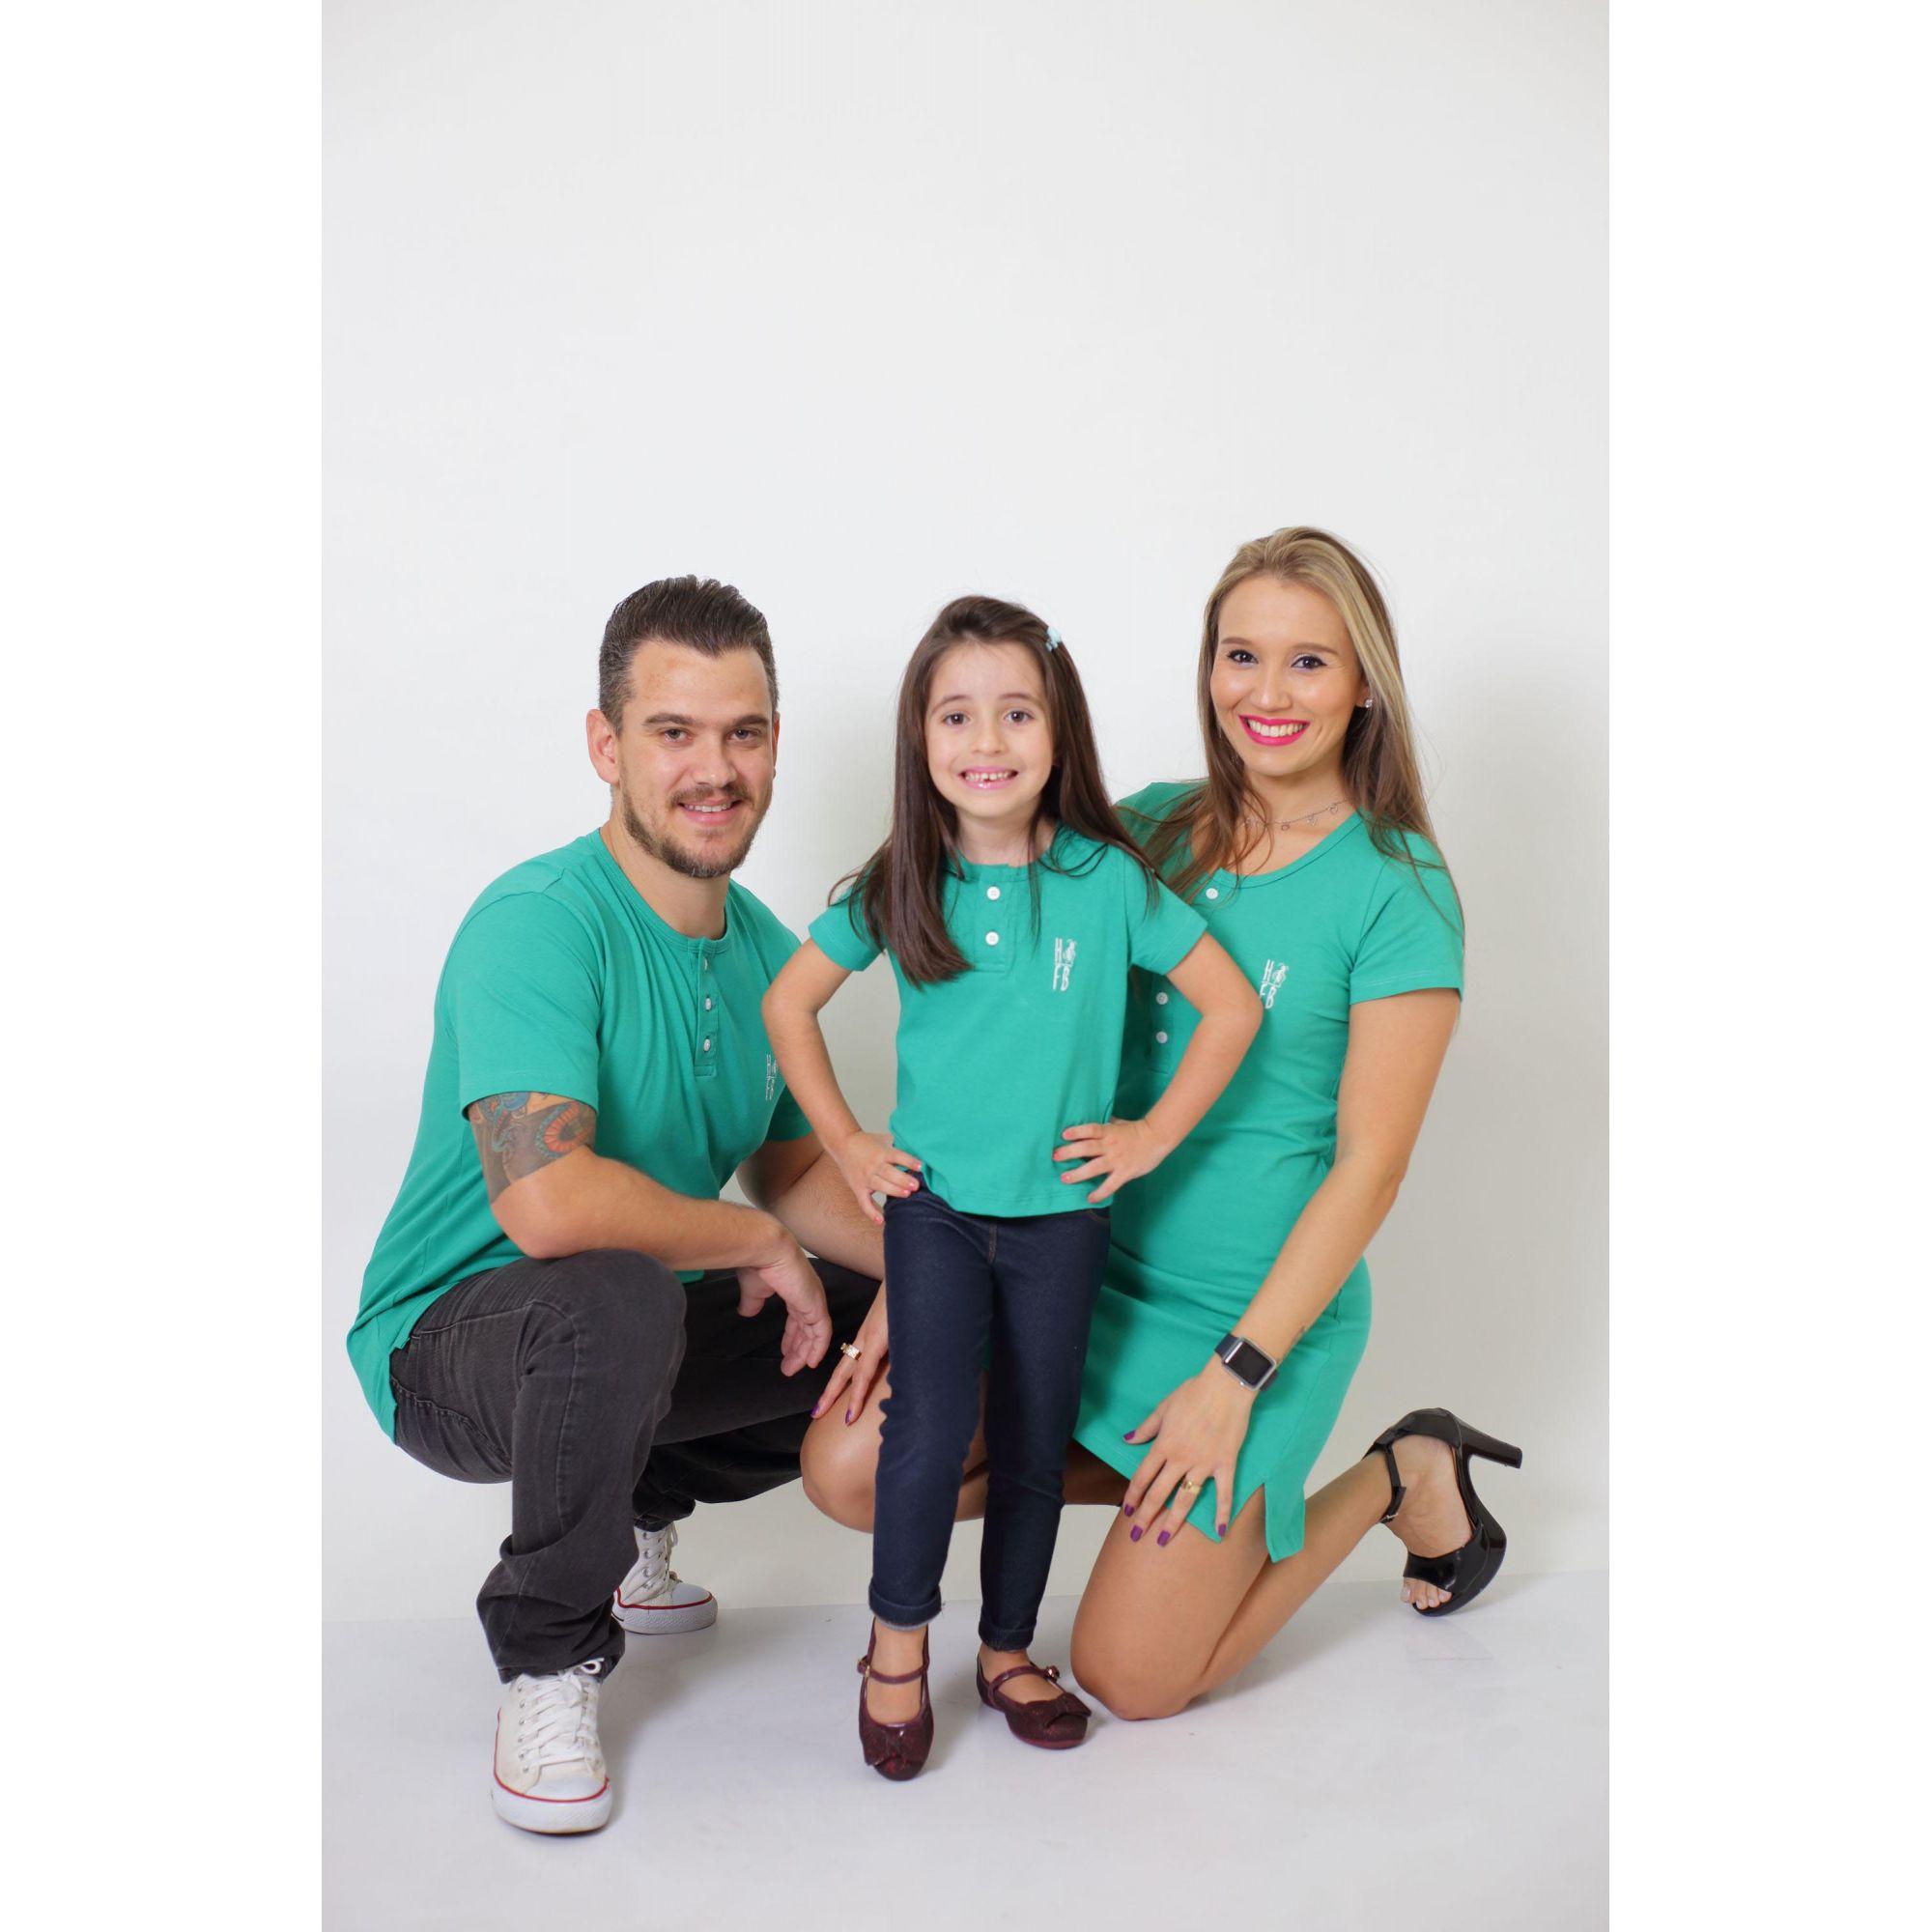 PAIS E FILHOS > Kit 3 Peças T-Shirt + Vestido + t-Shirt ou Body Infantil Henley - Verde Jade [Coleção Família]  - Heitor Fashion Brazil